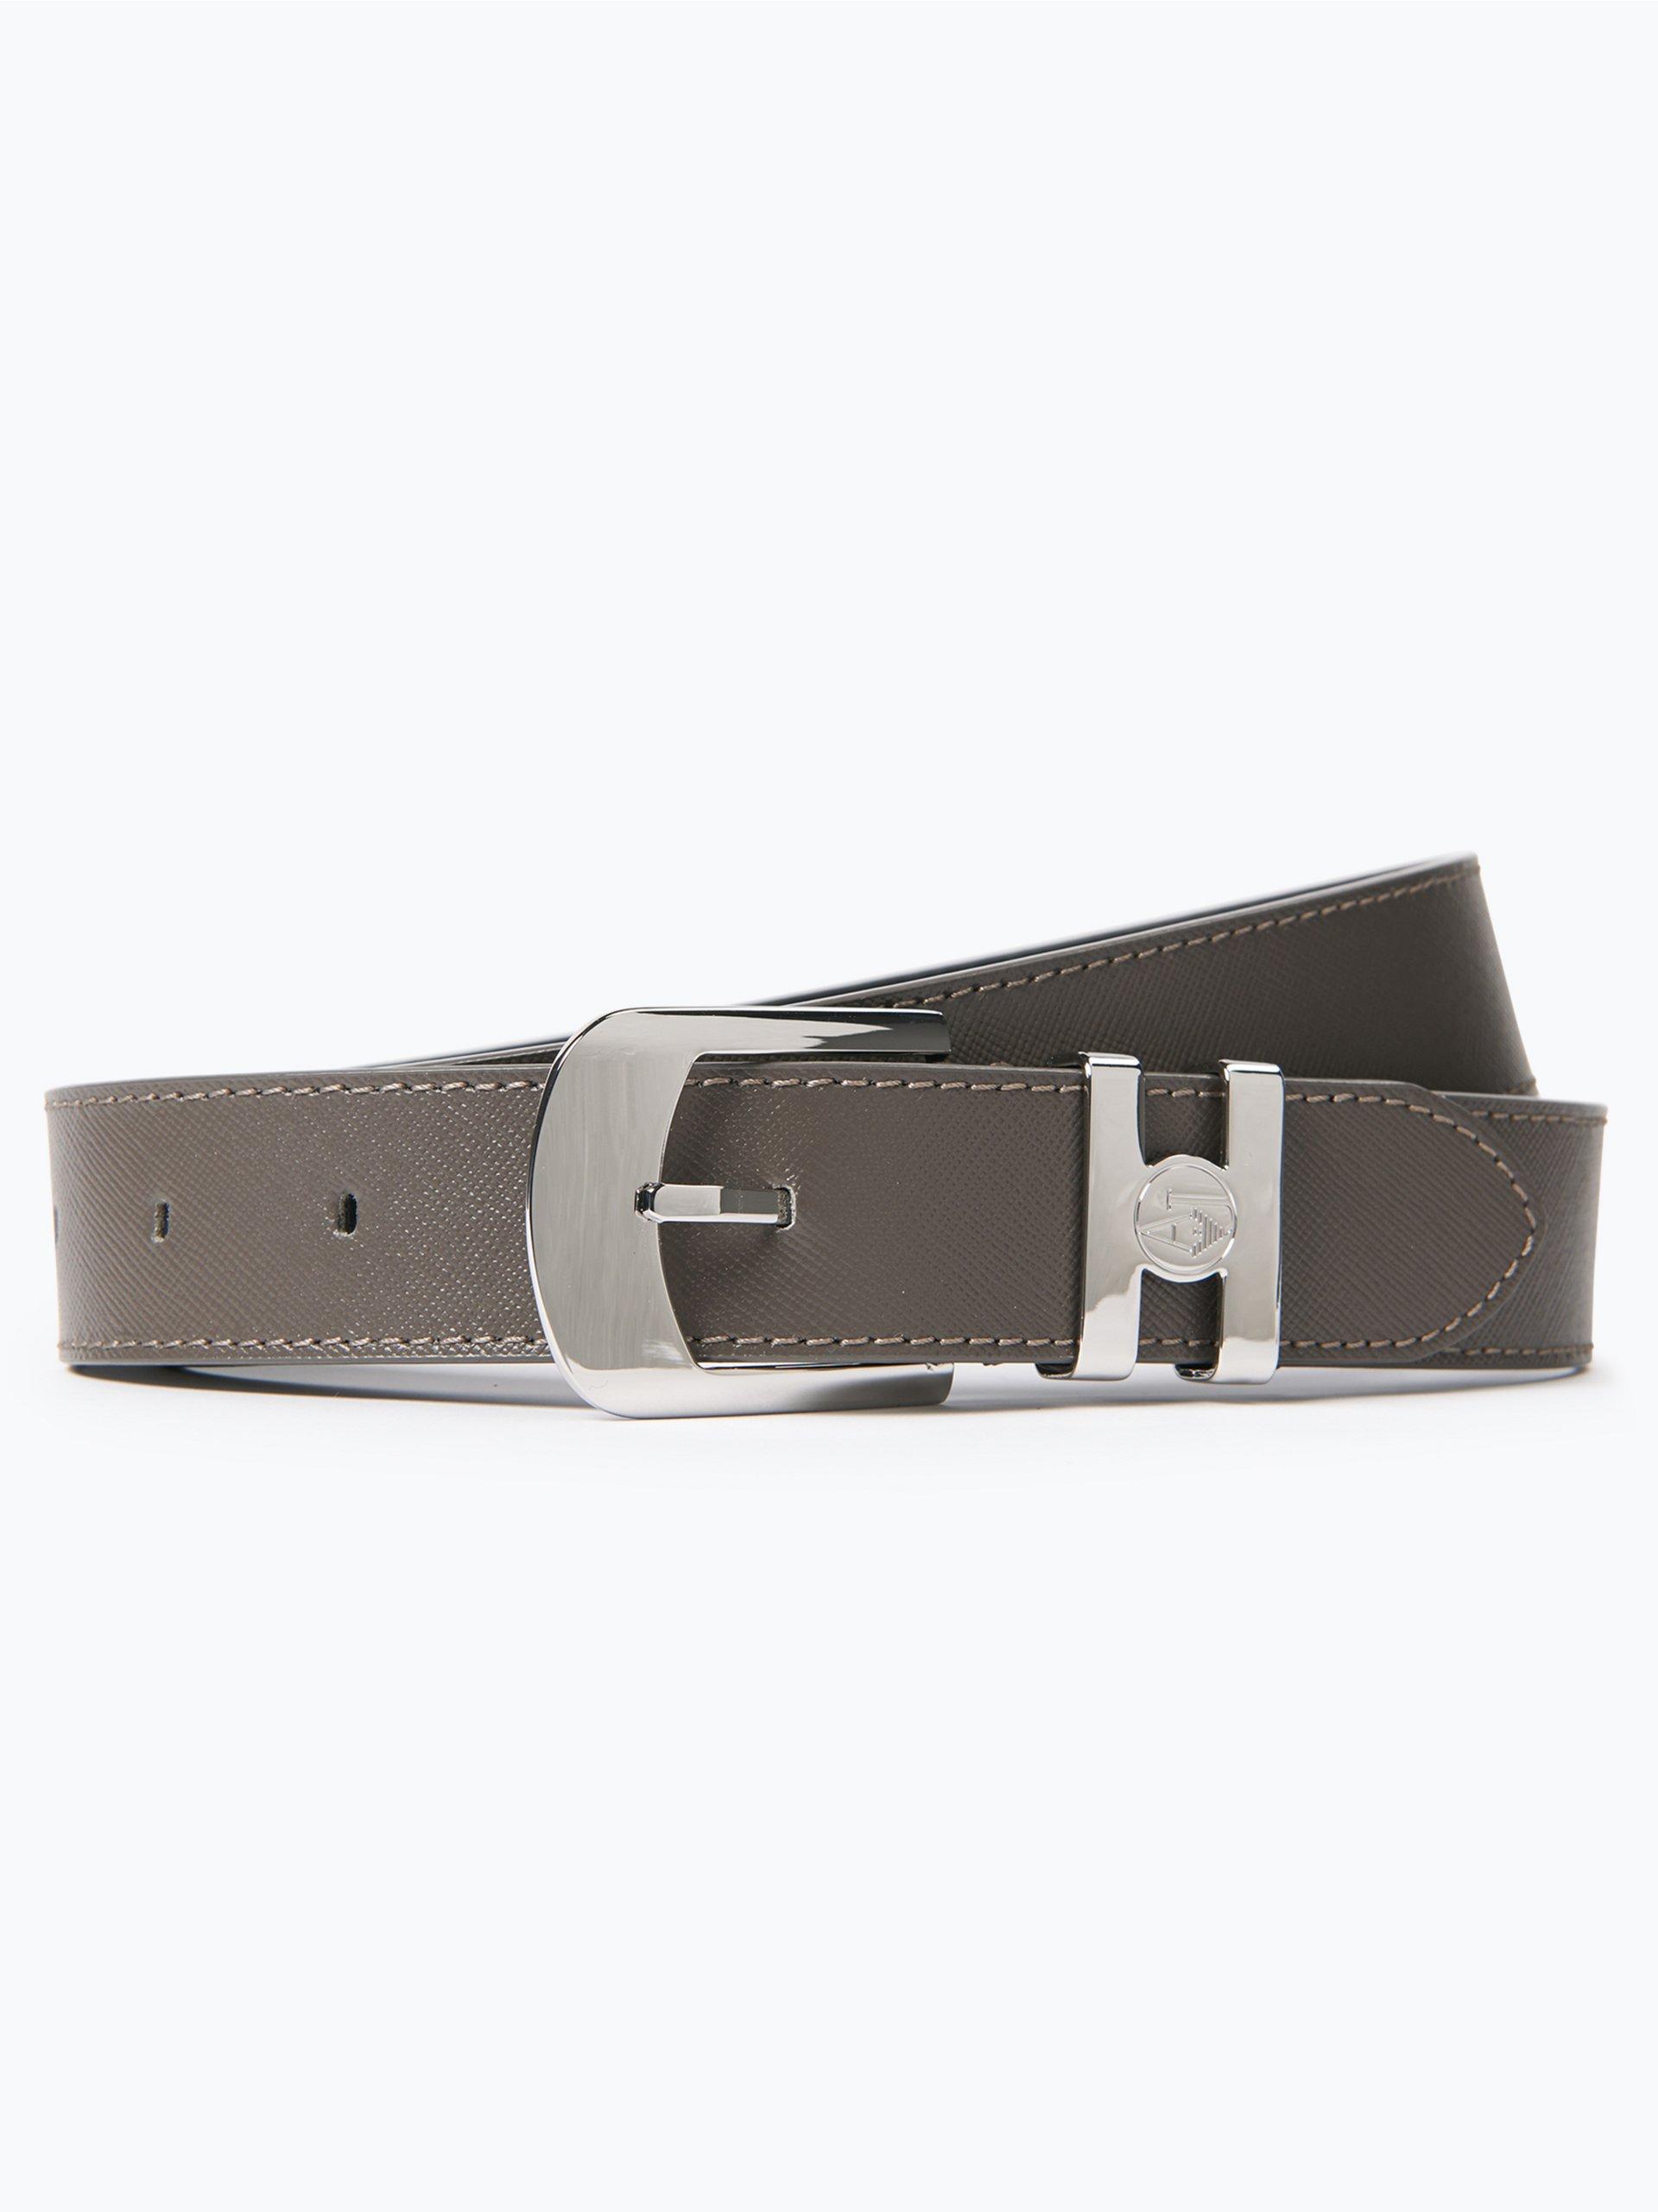 Armani Jeans Damen Ledergürtel